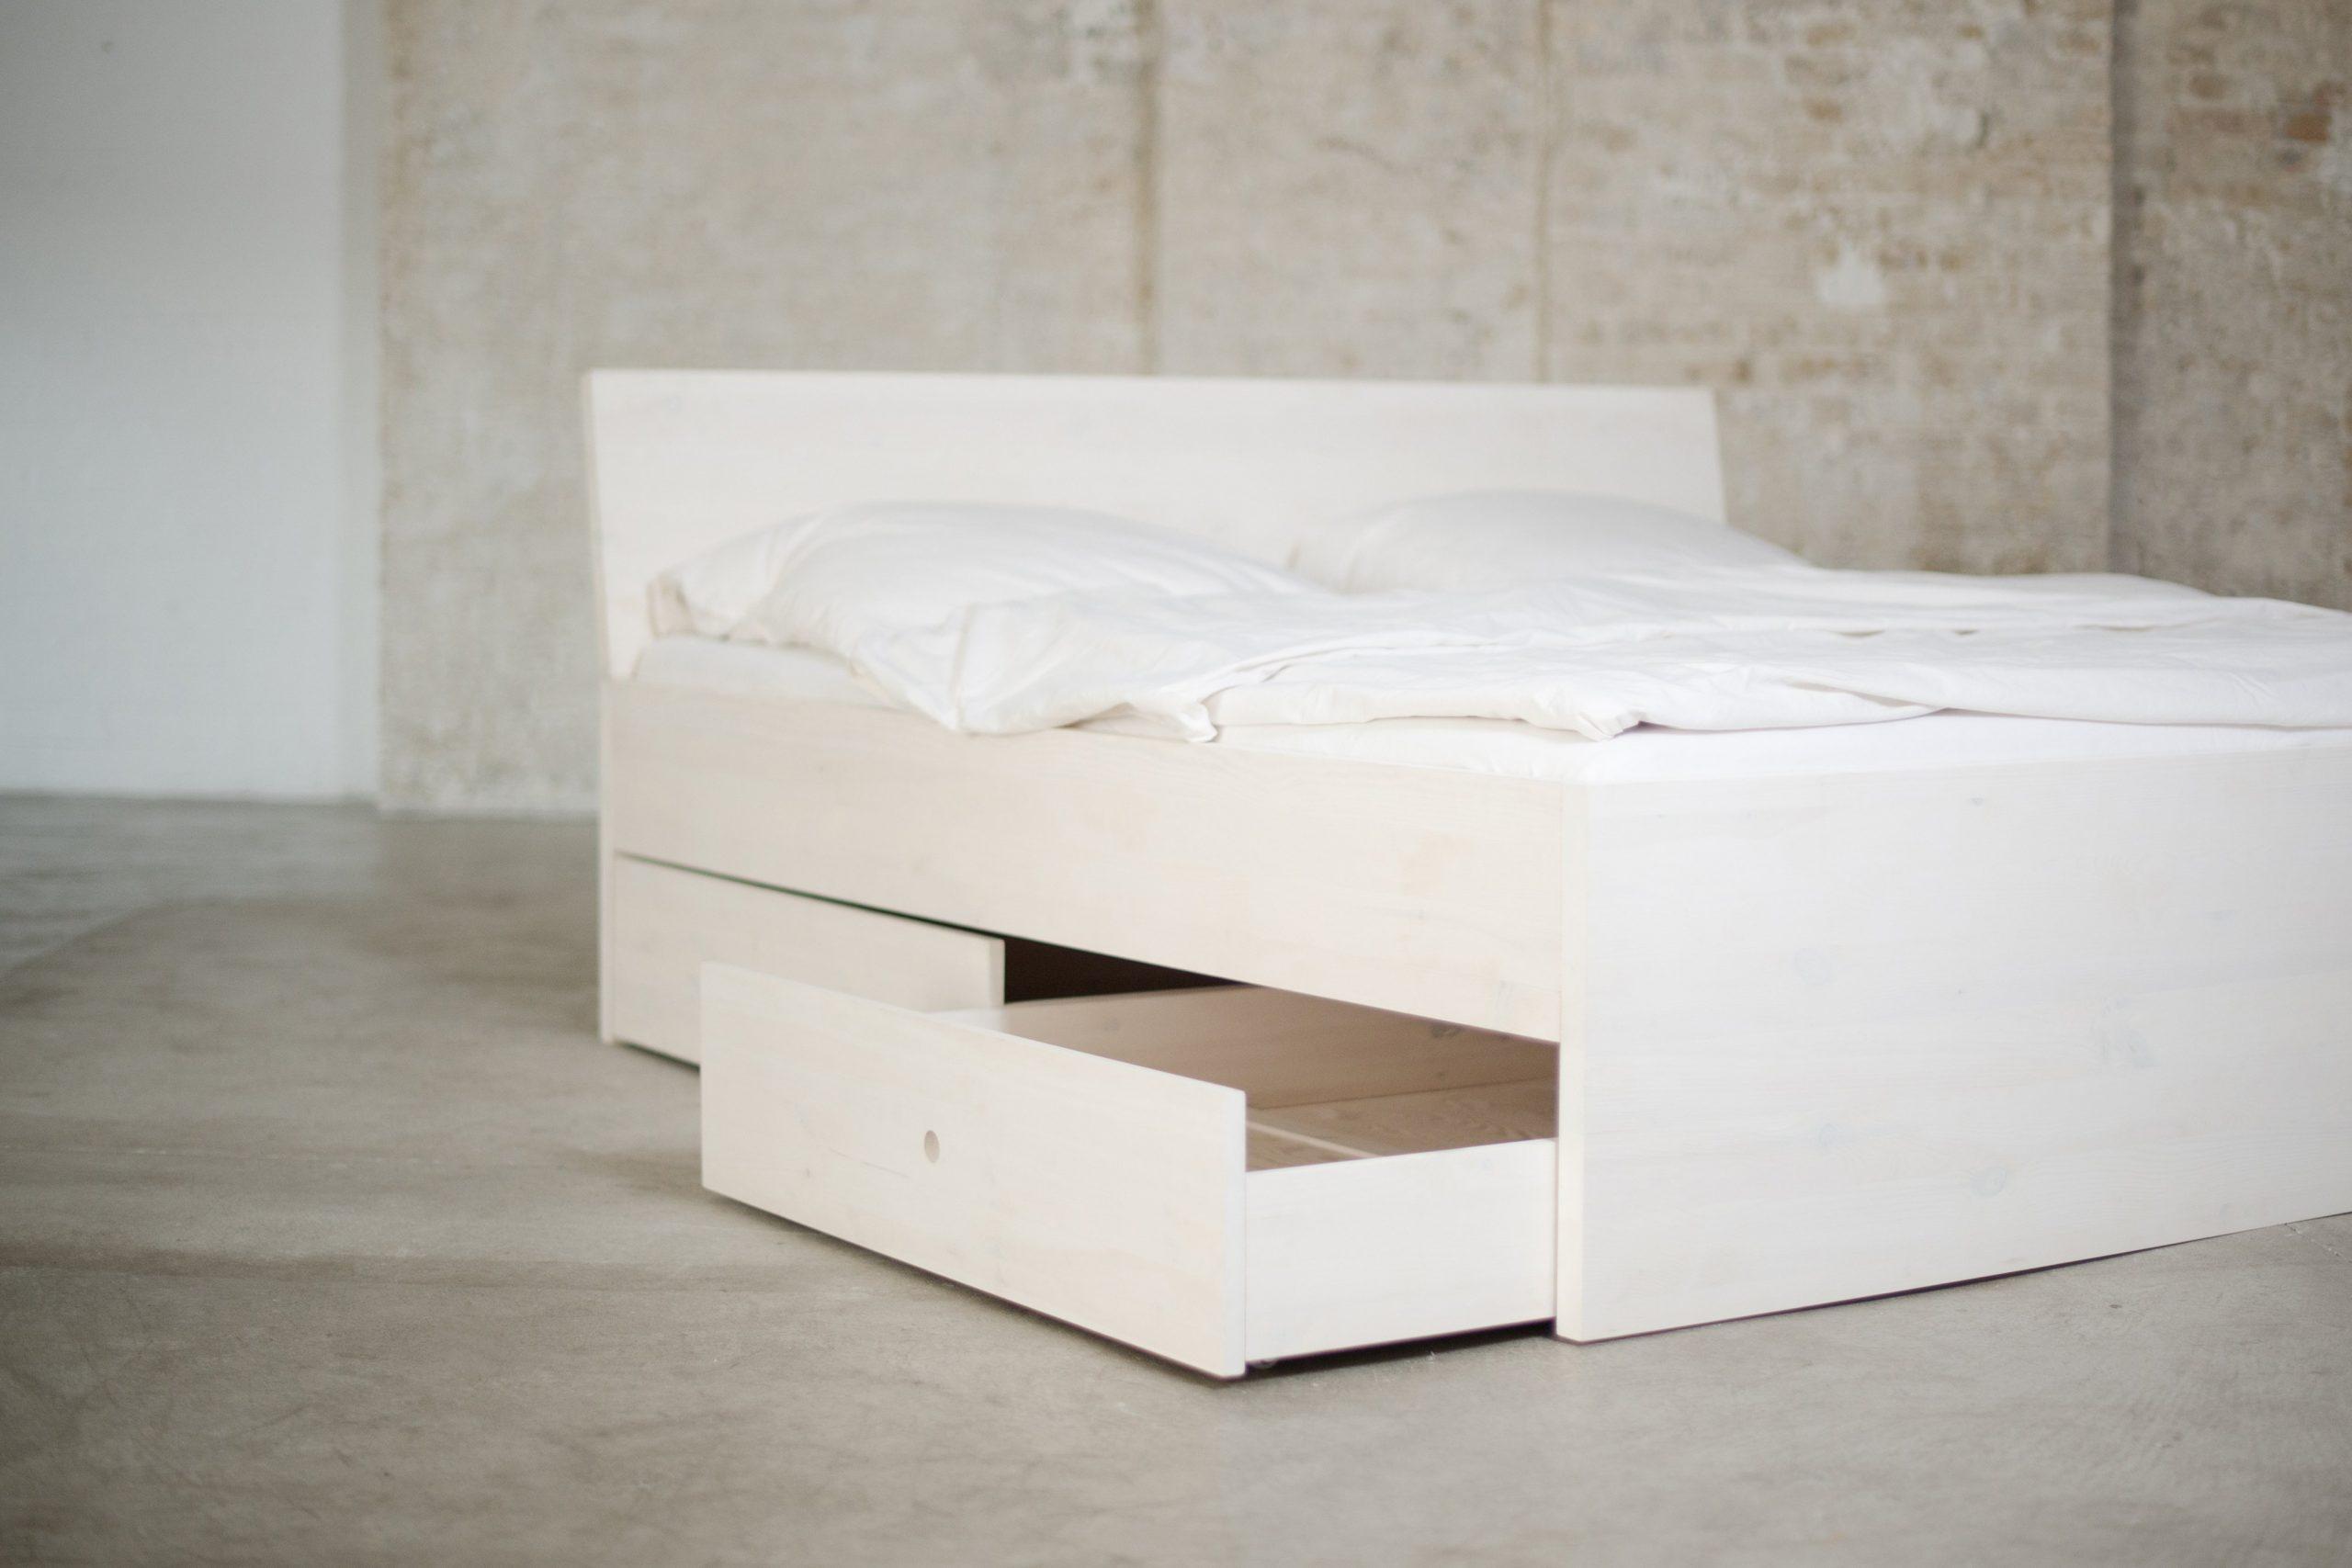 Full Size of Stauraumbett Aus Massivholz Mit Bettksten Und Allem Drum Dran Weißes Bett 90x200 Kopfteile Für Betten Weiße Regale Gebrauchte Weißer Esstisch Somnus Bock Bett Weiße Betten